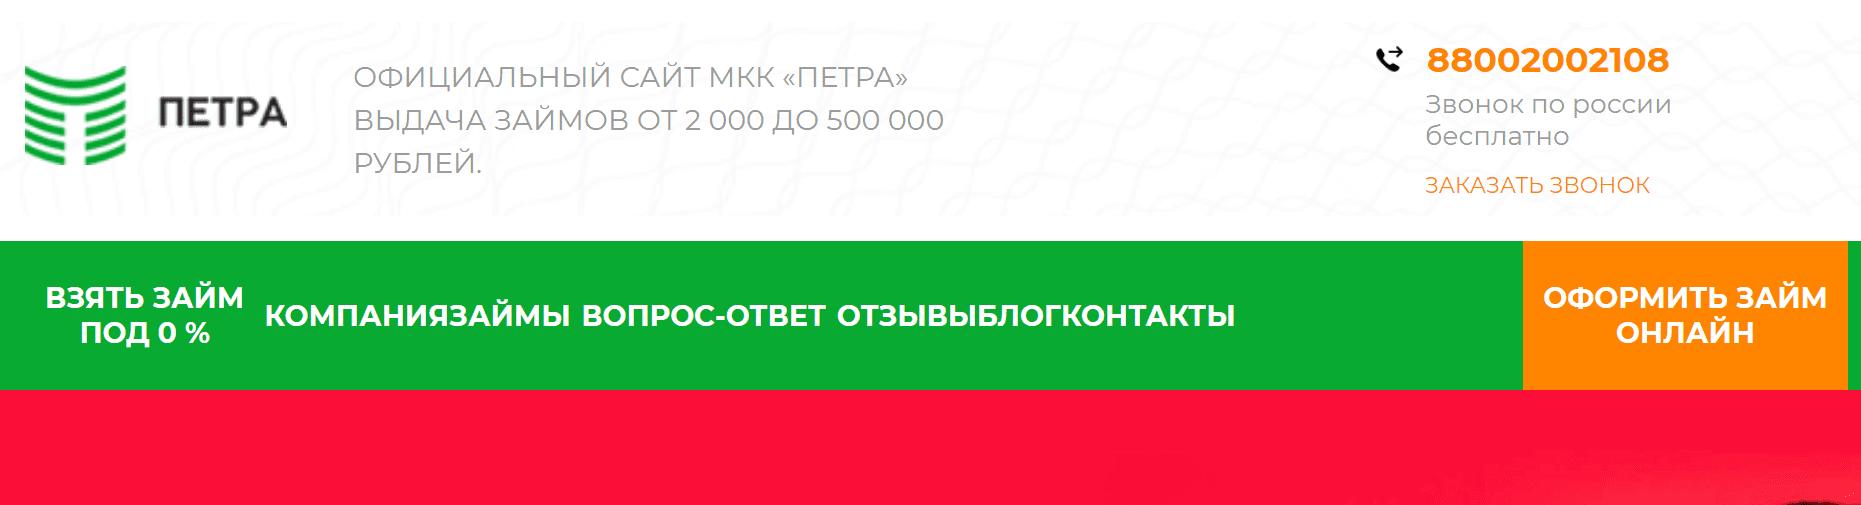 Ссылка на официальный сайт компании «Петра»